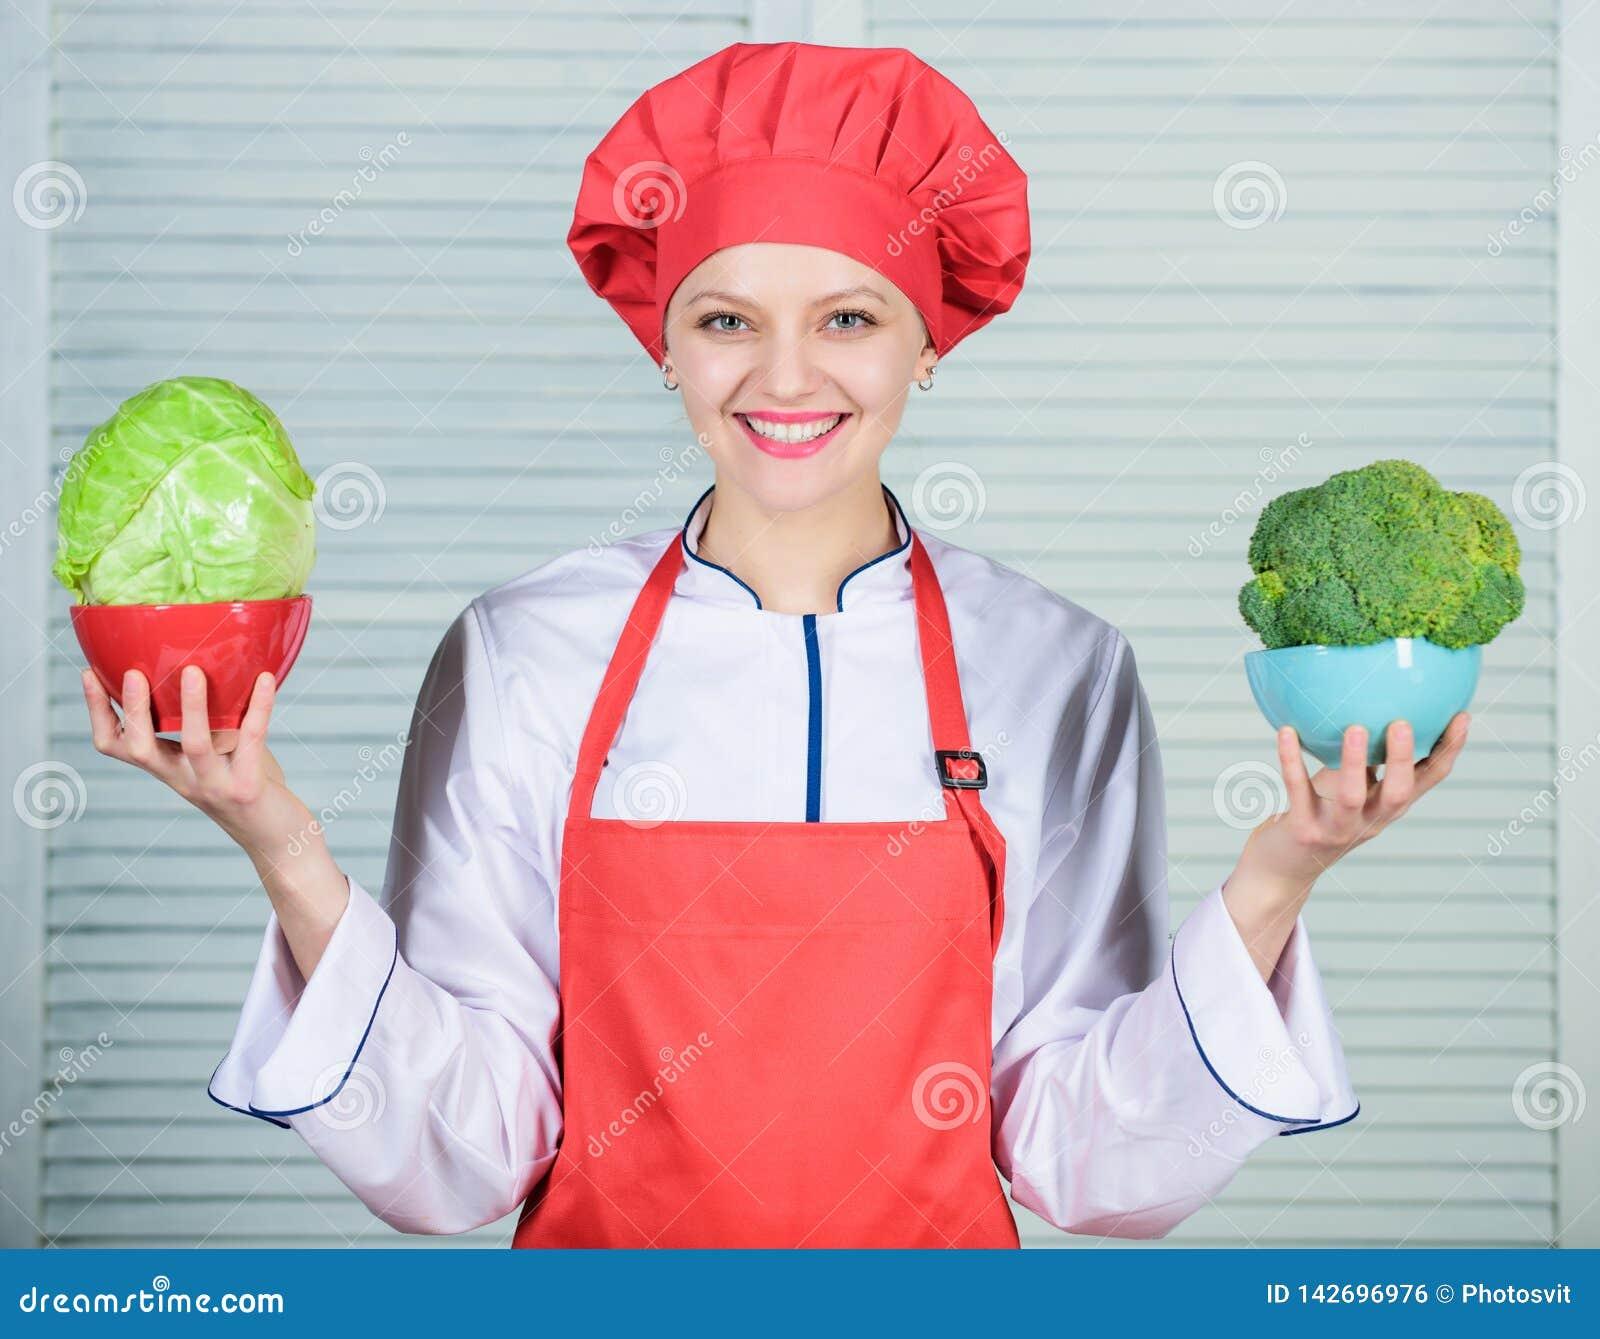 Berechnen Sie Ihre Nahrungsmittelumh?llungsgr??e Di?t und n?hrendes Konzept Wieviele Teile Sie essen m?chten Berechnen Sie normal